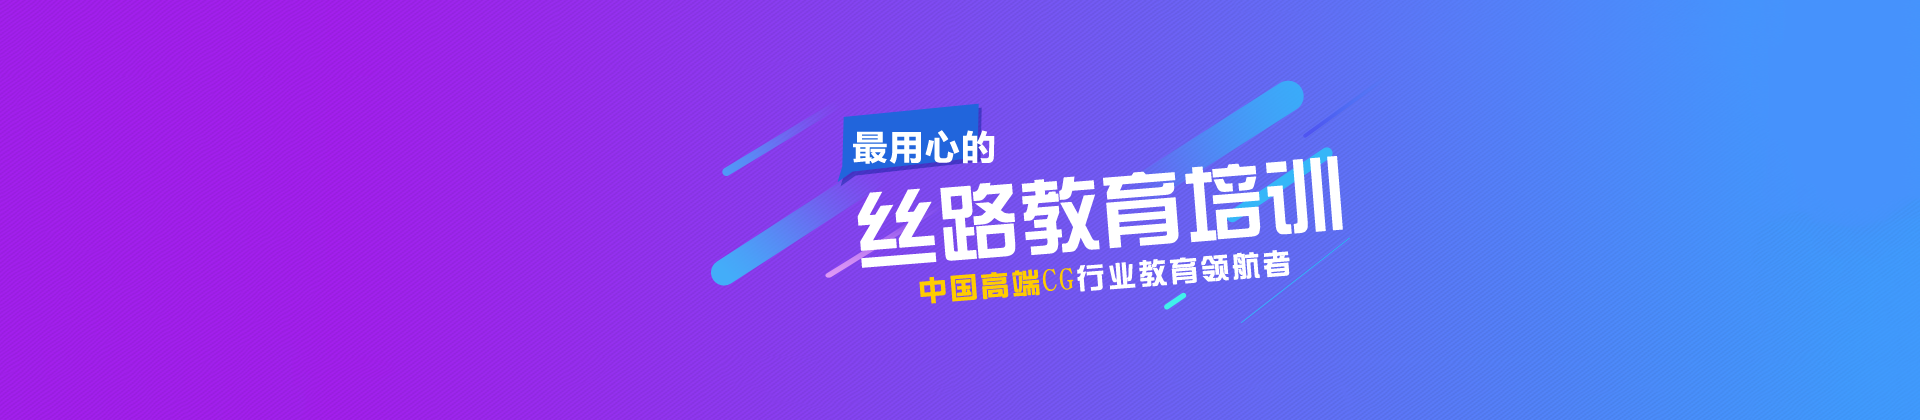 武汉丝路教育-中国十大IT教育品牌